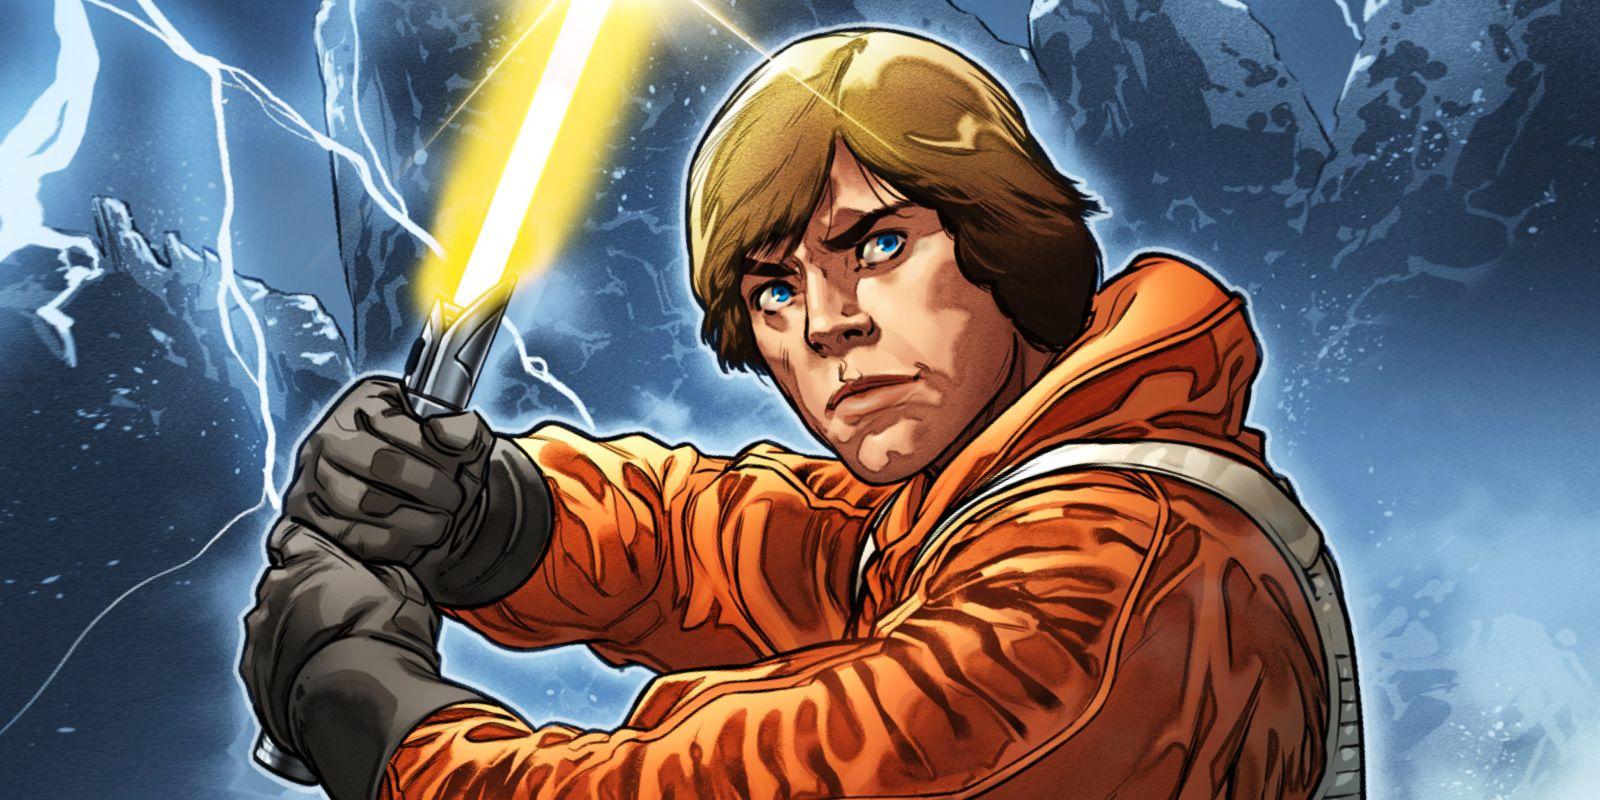 Will Luke Skywalker Finally Take The Jedi Trials?